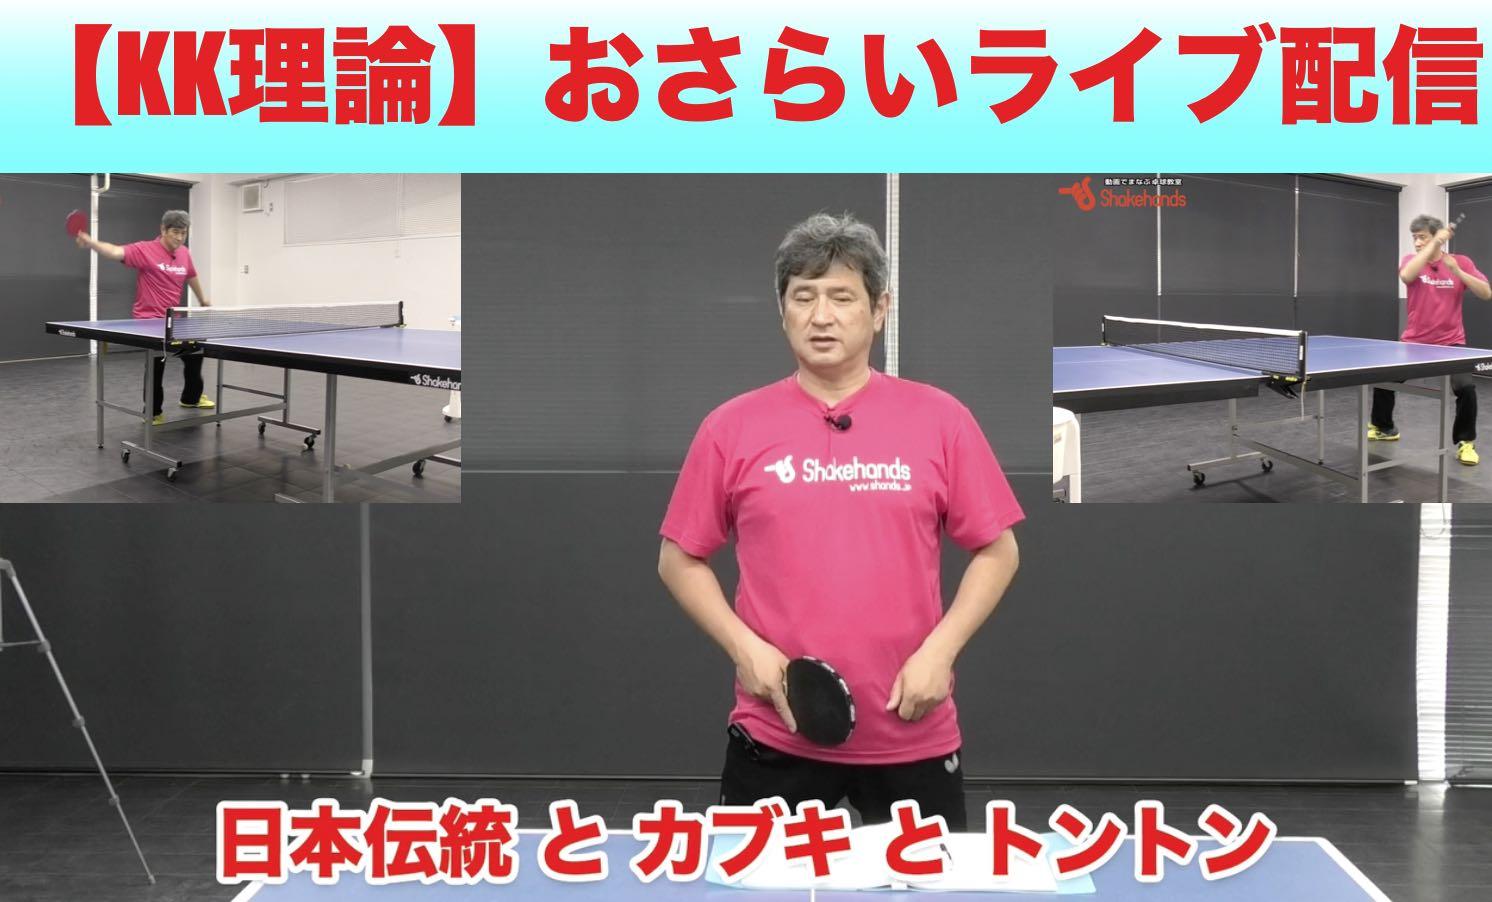 【ライブ配信】6/19(金)21:30〜平岡理論おさらいシリーズ『KK理論』